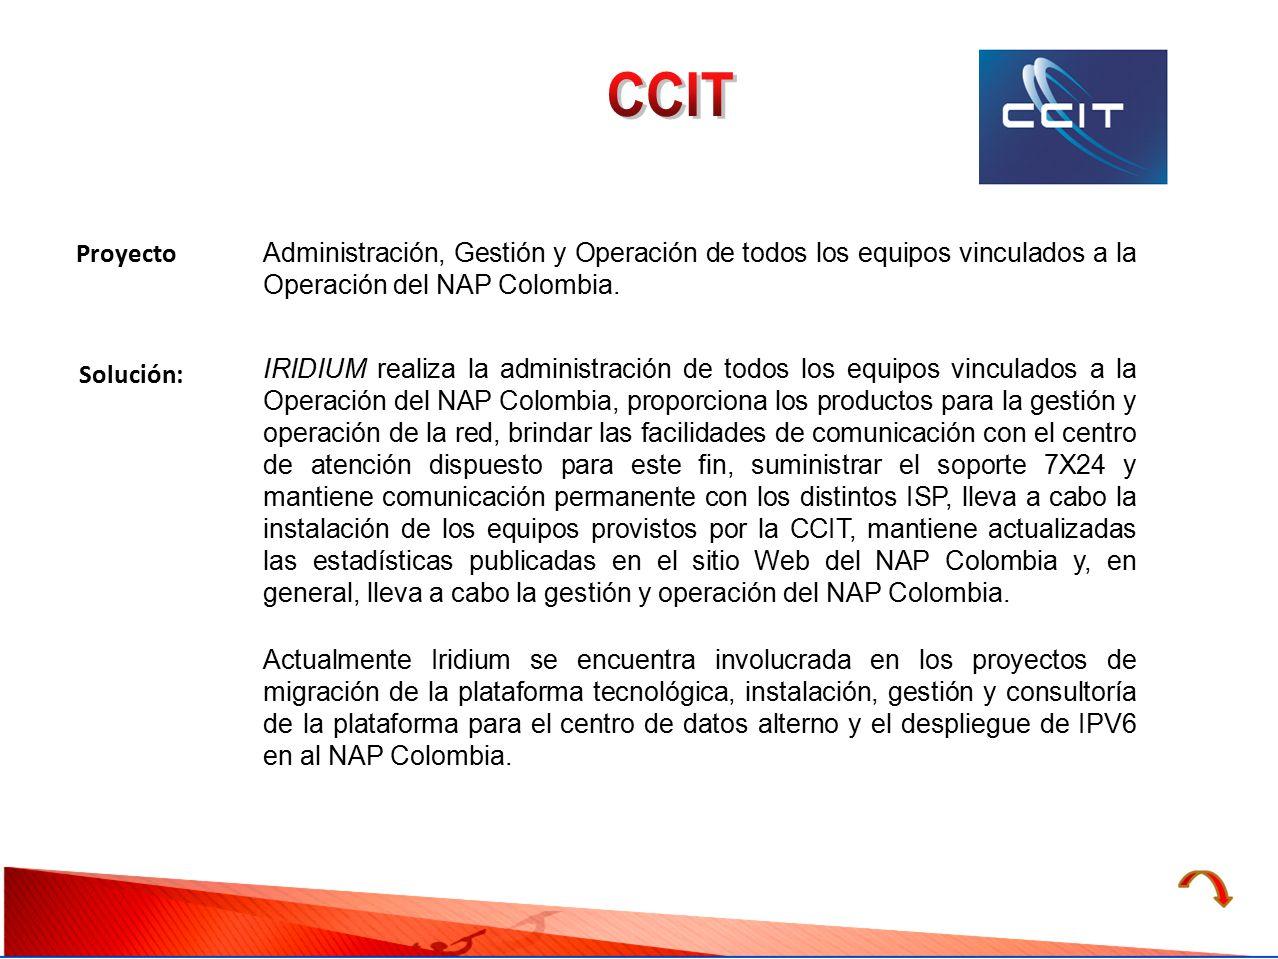 CCIT Proyecto. Administración, Gestión y Operación de todos los equipos vinculados a la Operación del NAP Colombia.